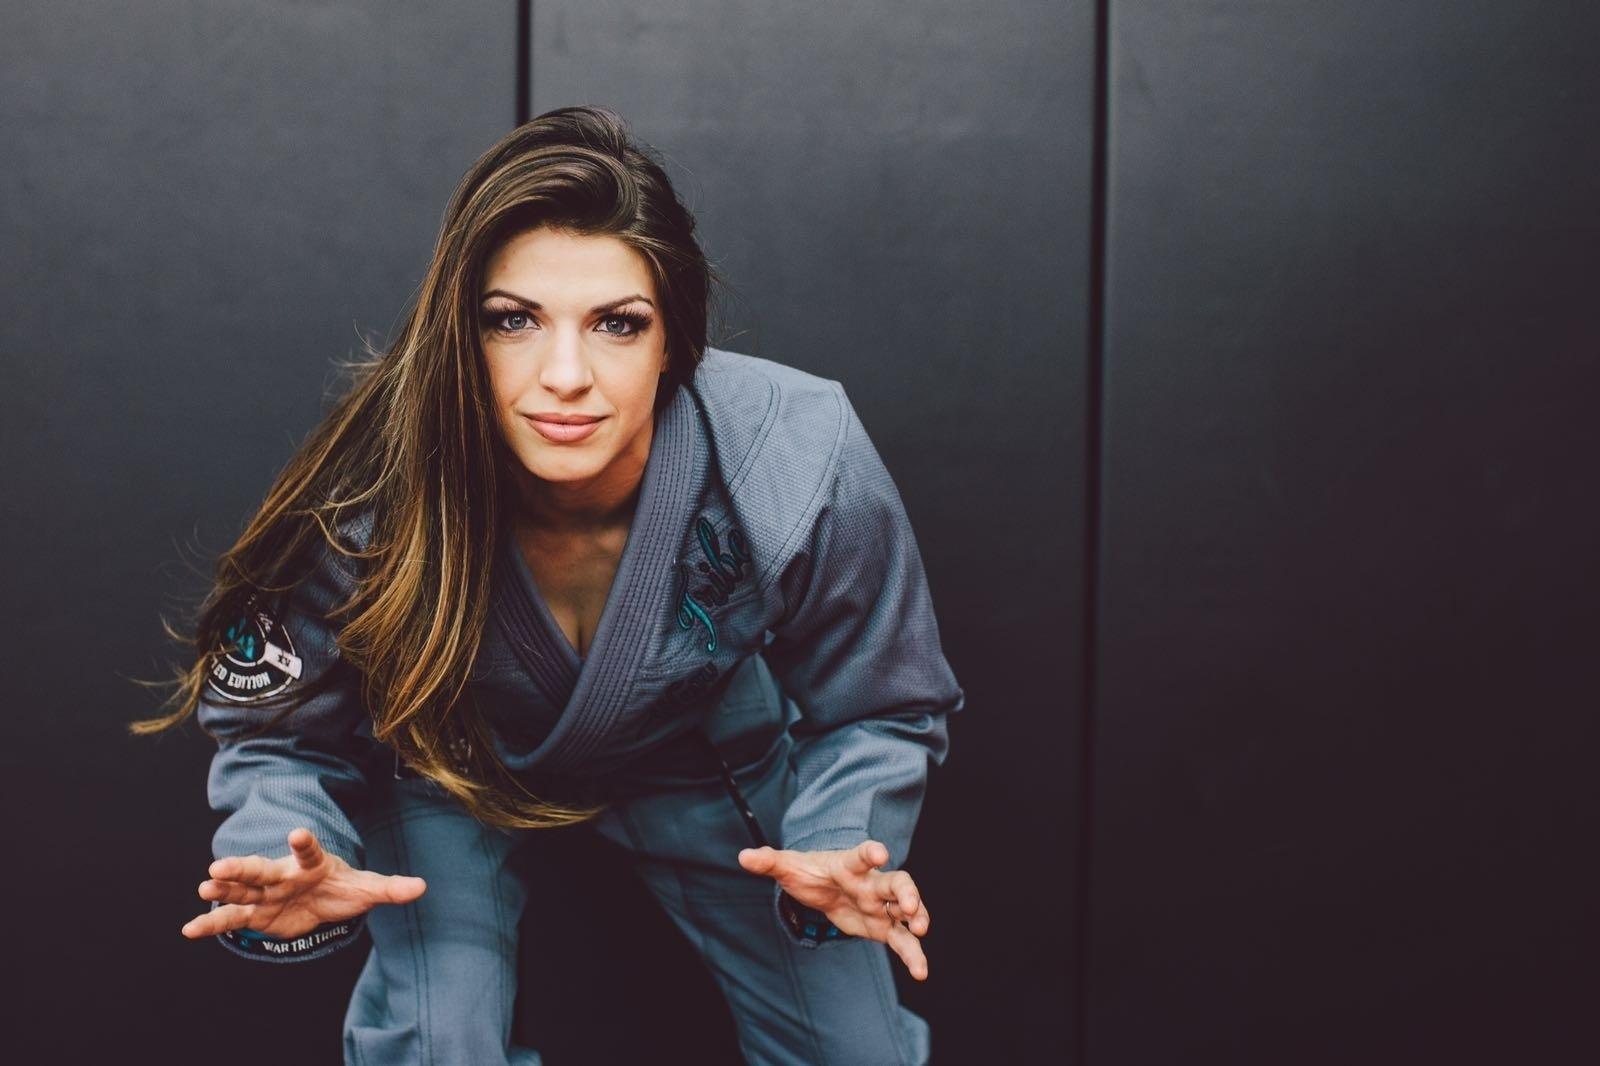 A lutadora, em 2015, foi campeã mundial de jiu-jitsu e levou também o título do ADCC